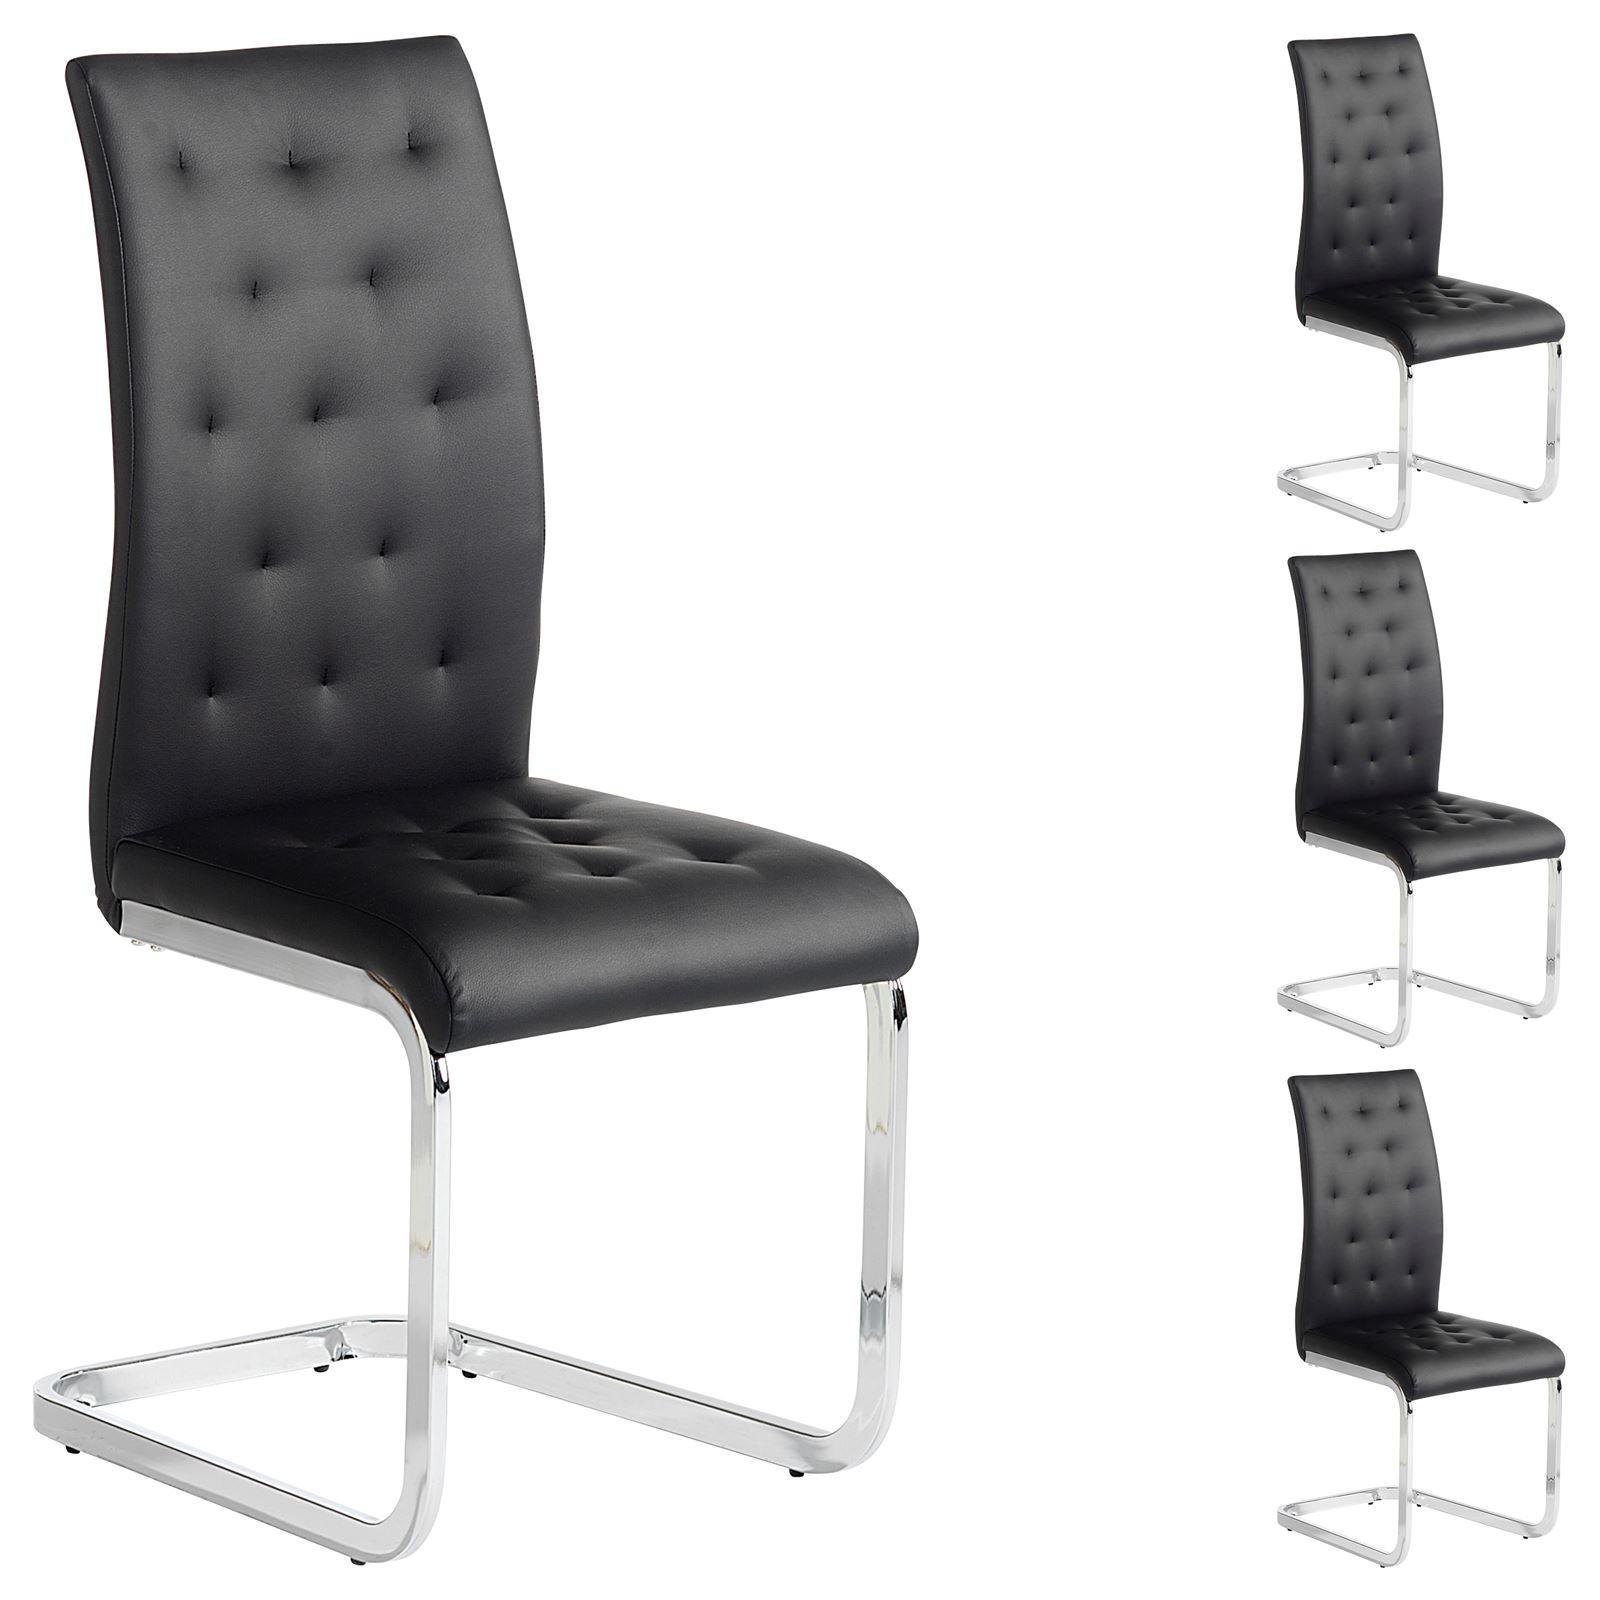 Esszimmerstuhl chloe in schwarz mobilia24 for Esszimmerstuhl schwarz